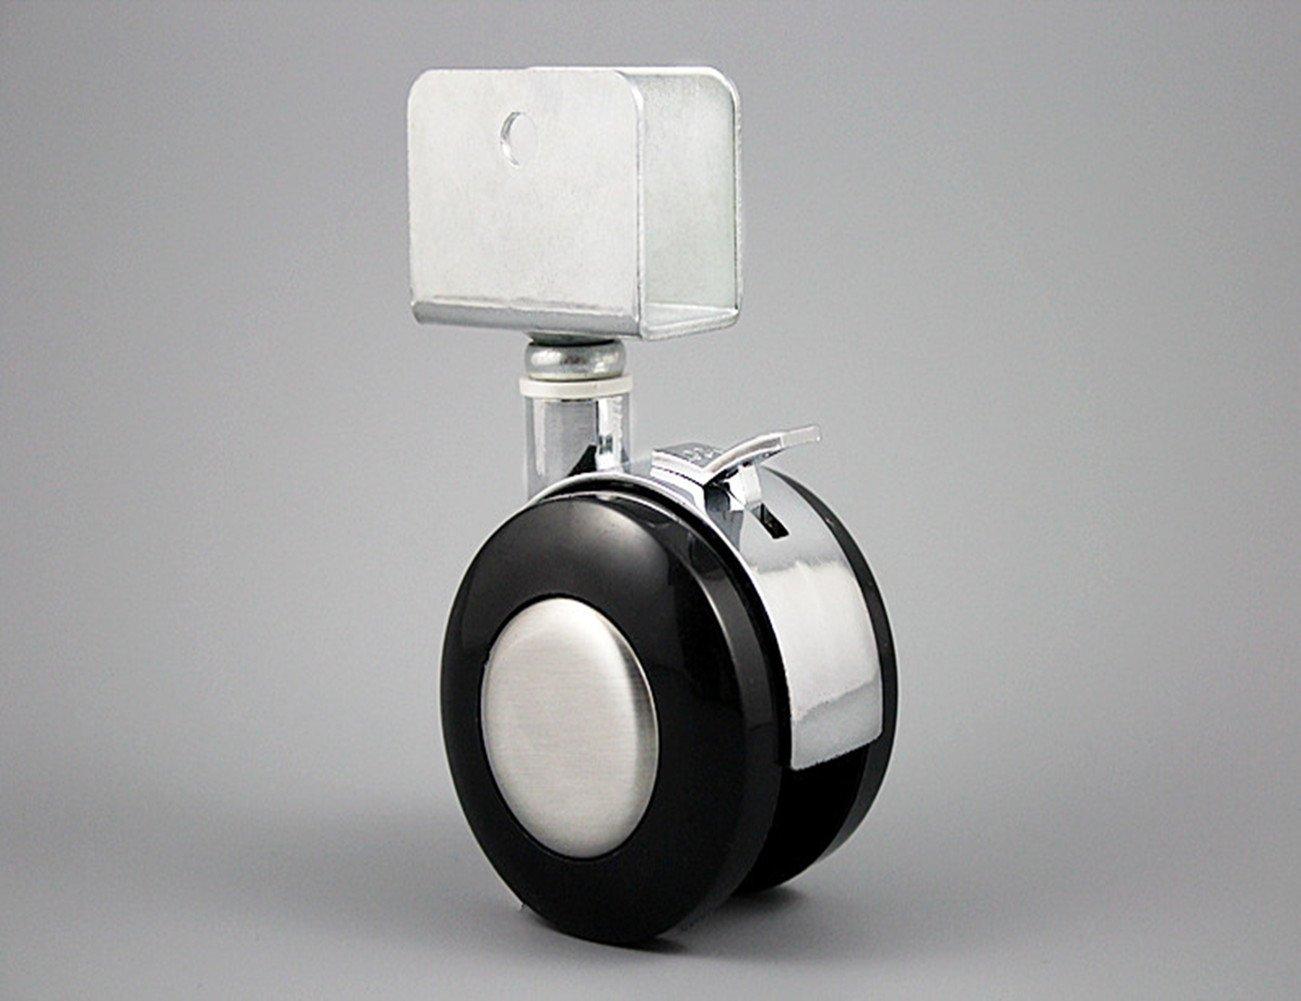 Duro pavimento ruote girevole Ruote 25mm gebremst Set di ruote per sedia da ufficio presepe SDFSDVX FDVS-4155